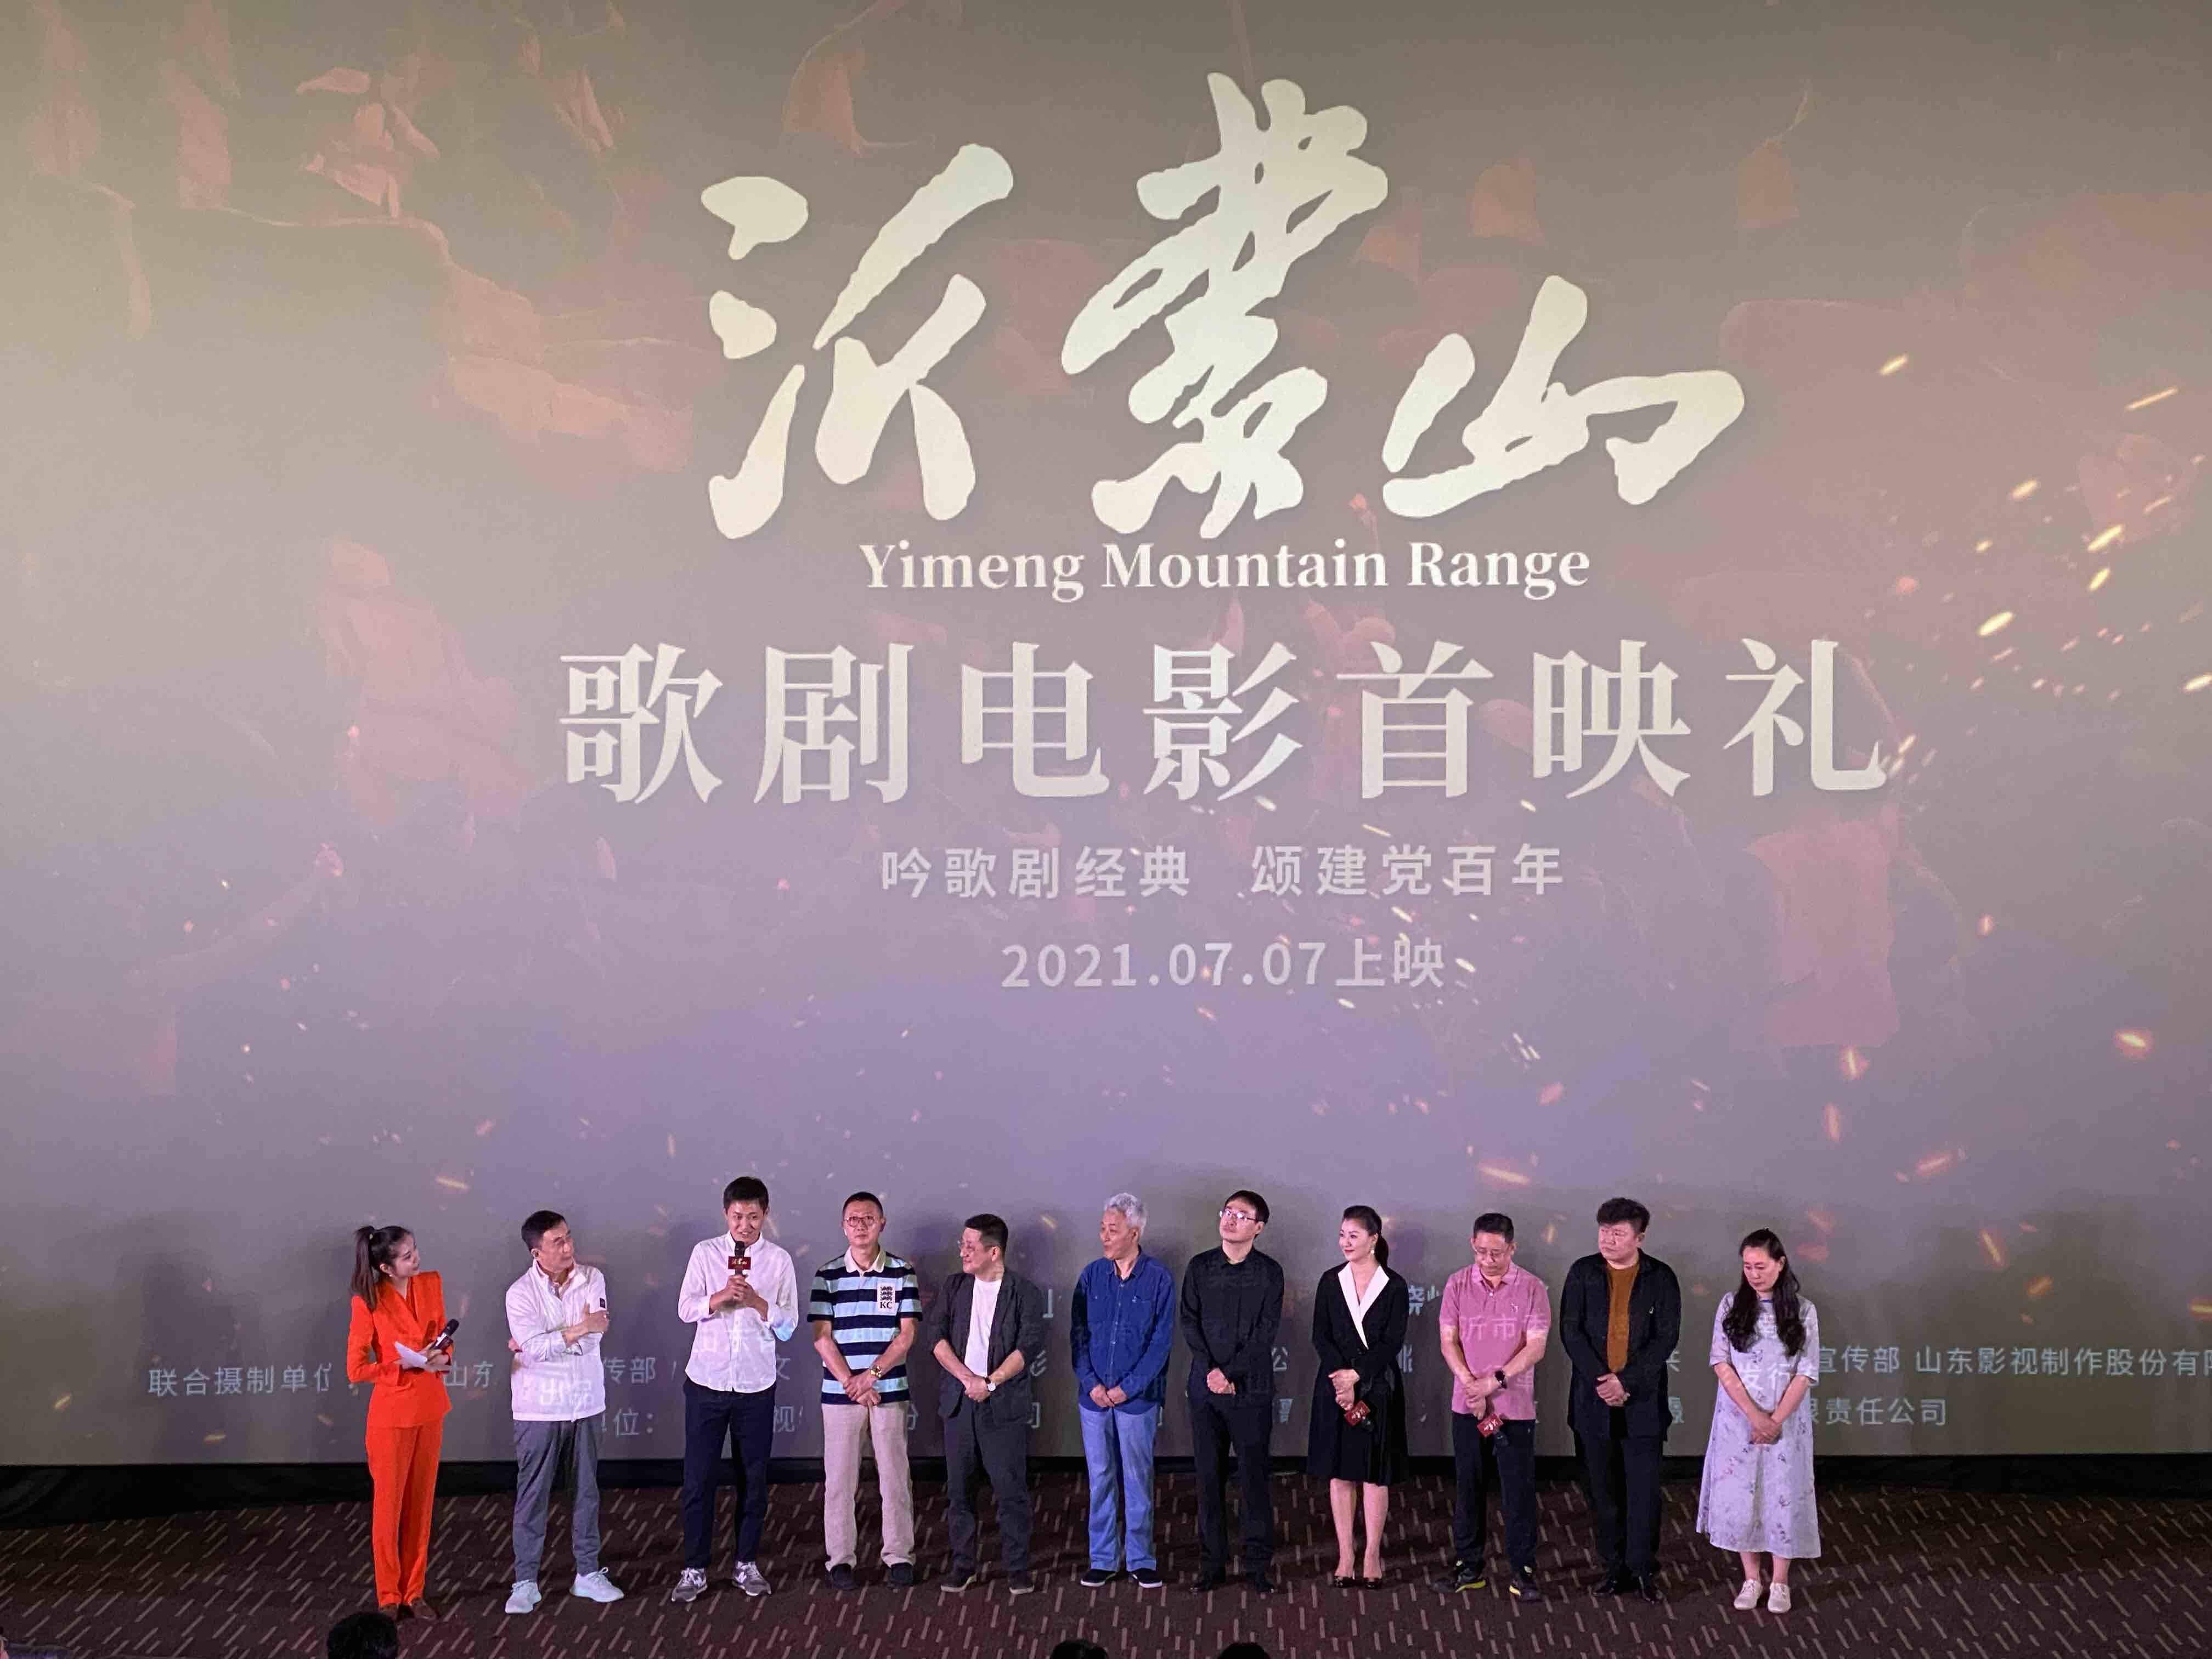 歌剧电影《沂蒙山》在京举行首映礼 7月7日起全国公映